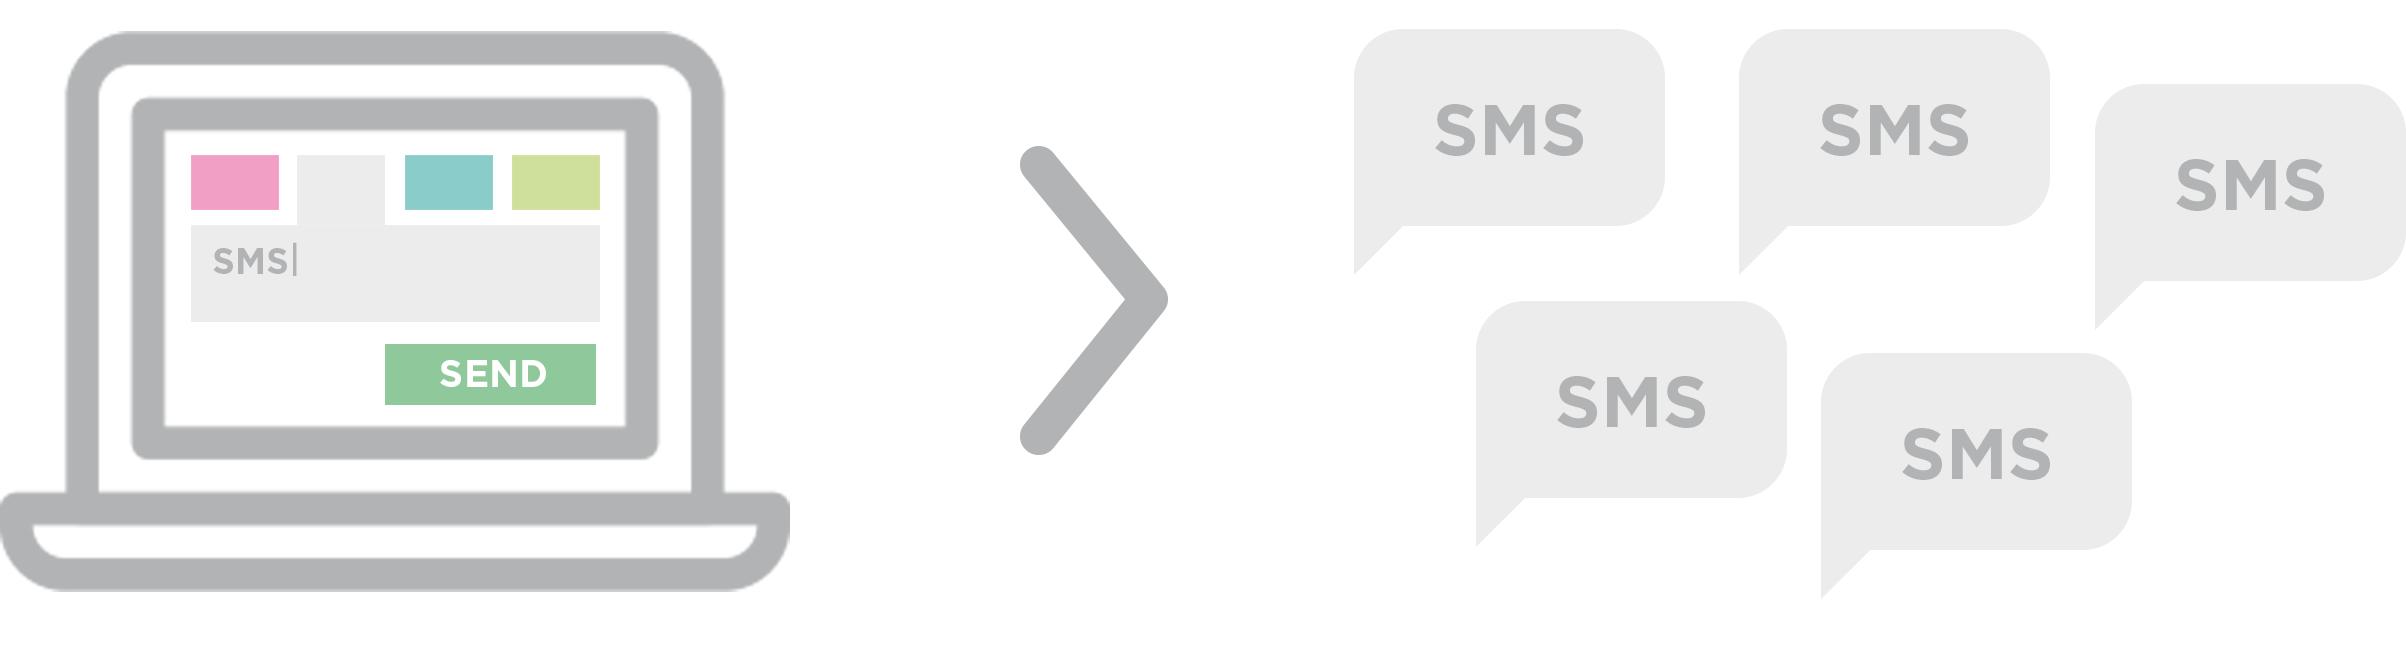 proSMS gør det let at sende SMS til grupper fra computeren